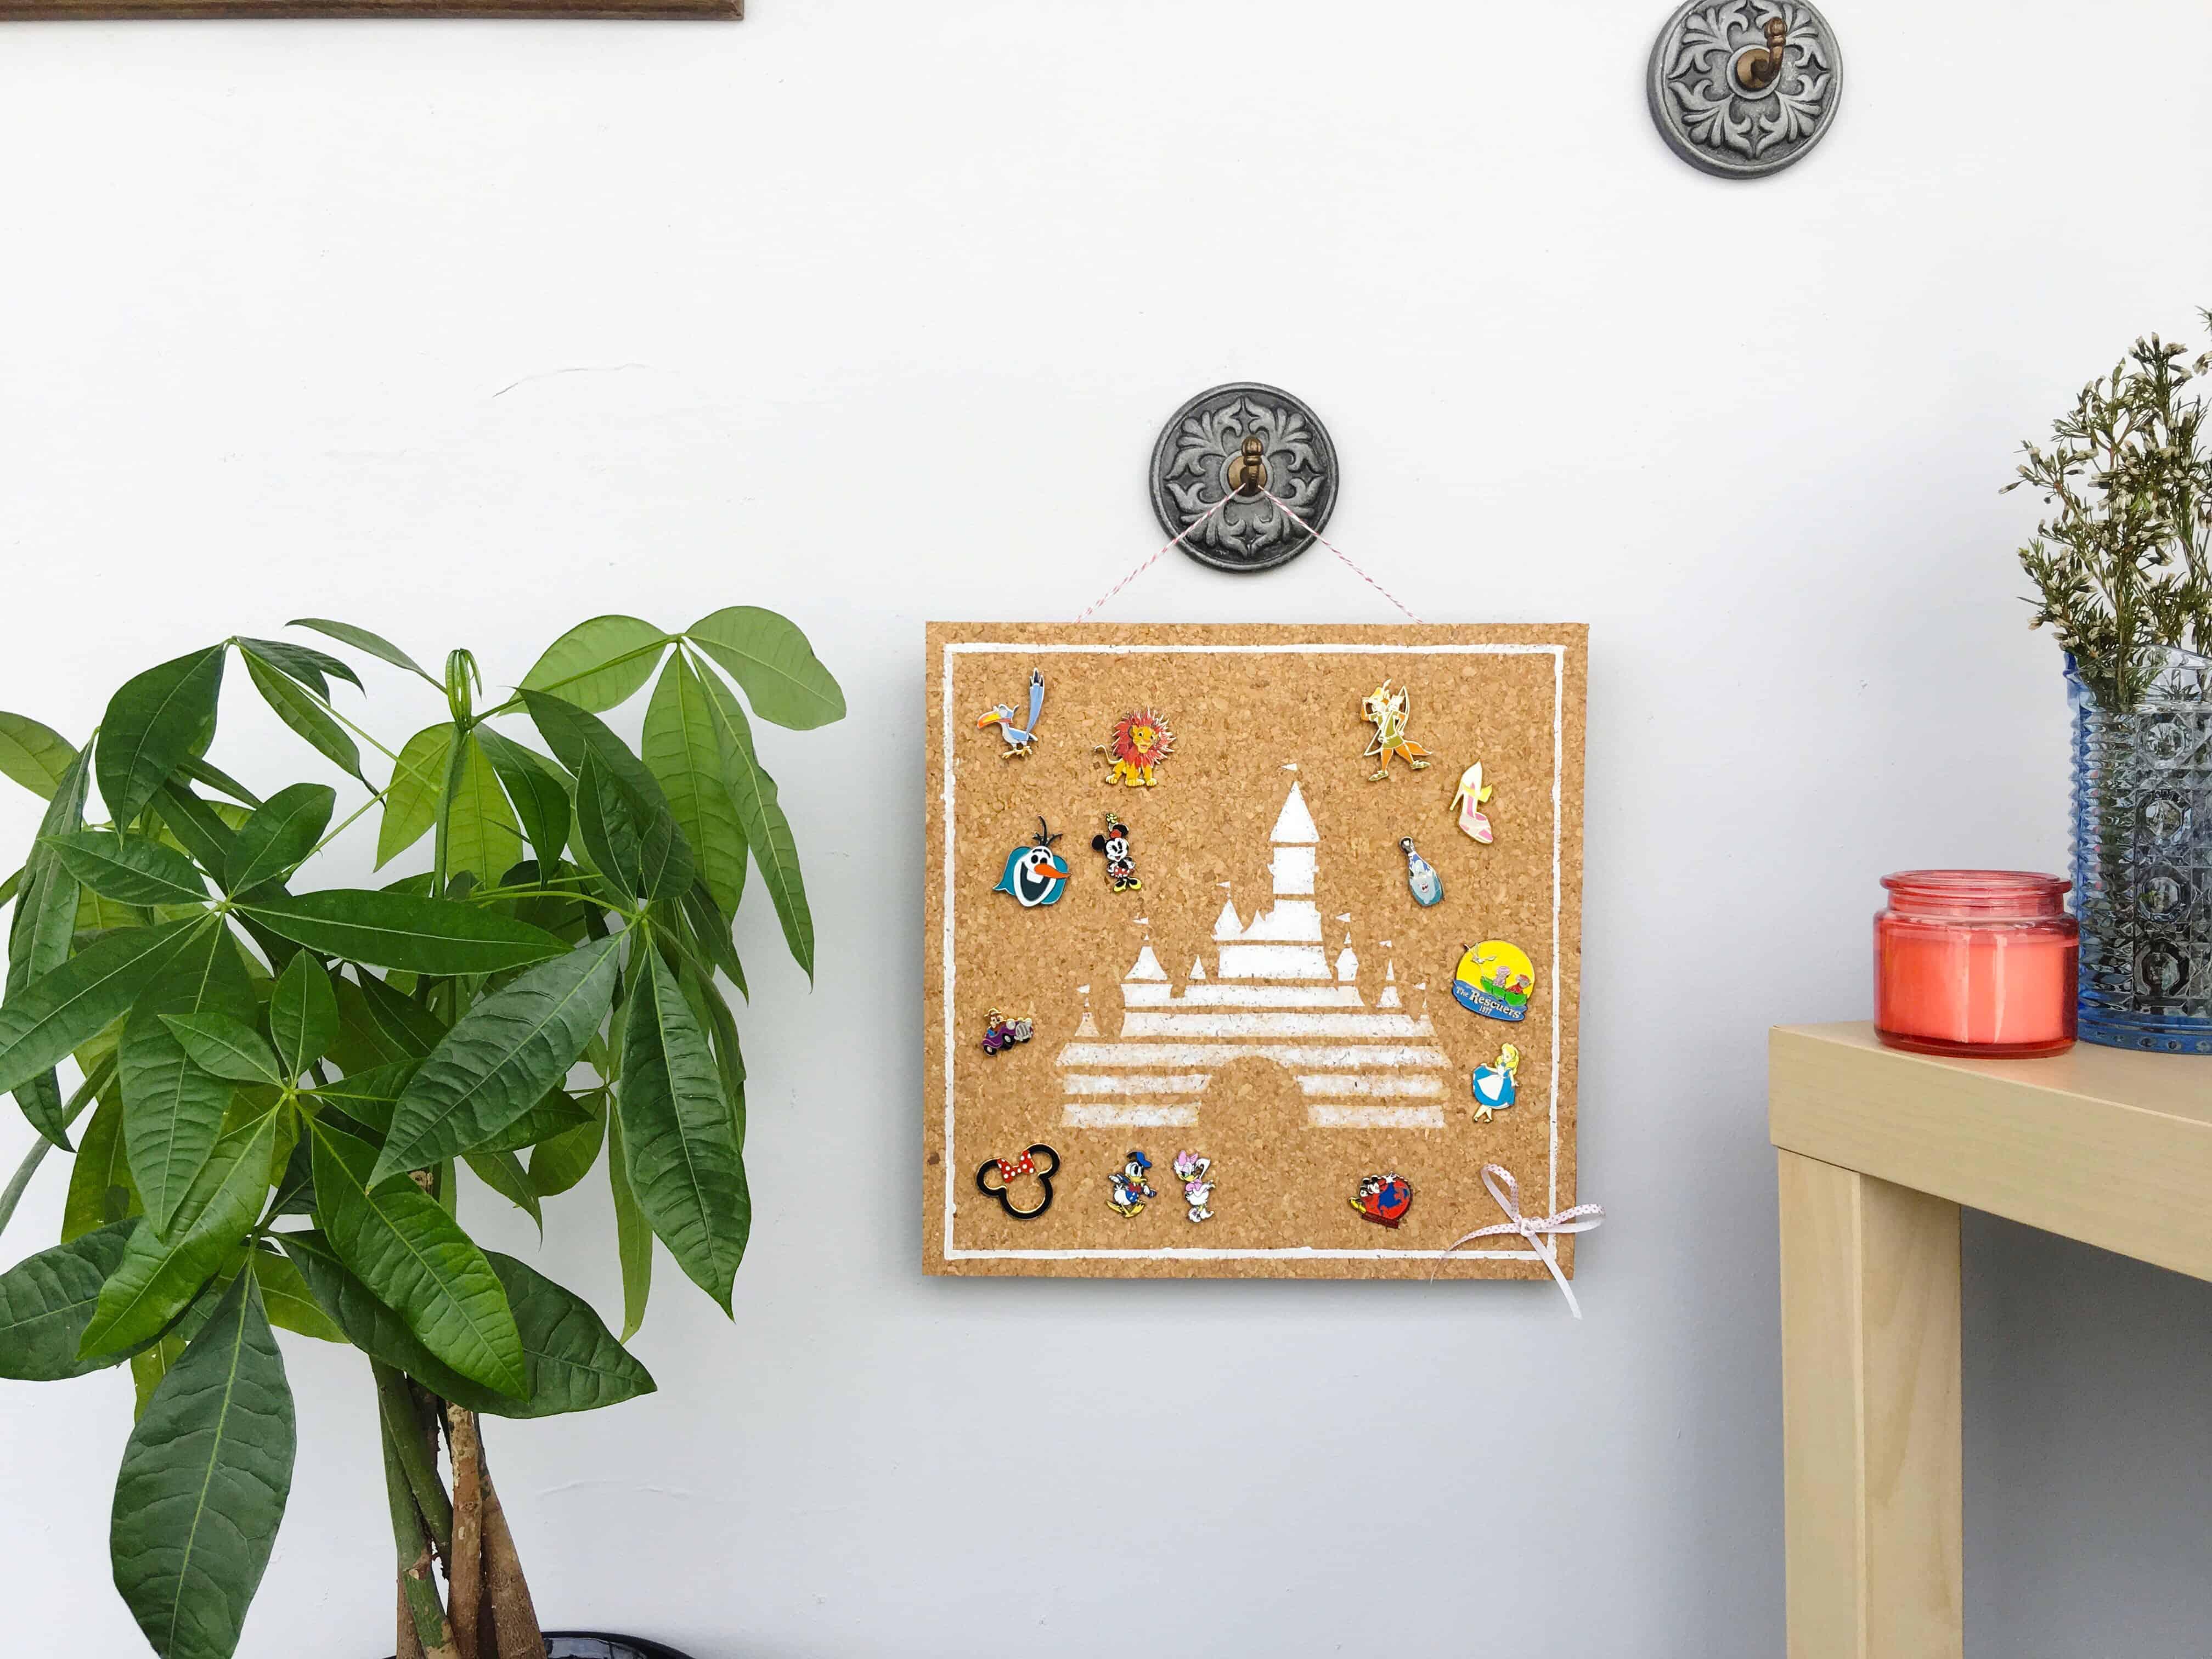 DIY Disney pin display board